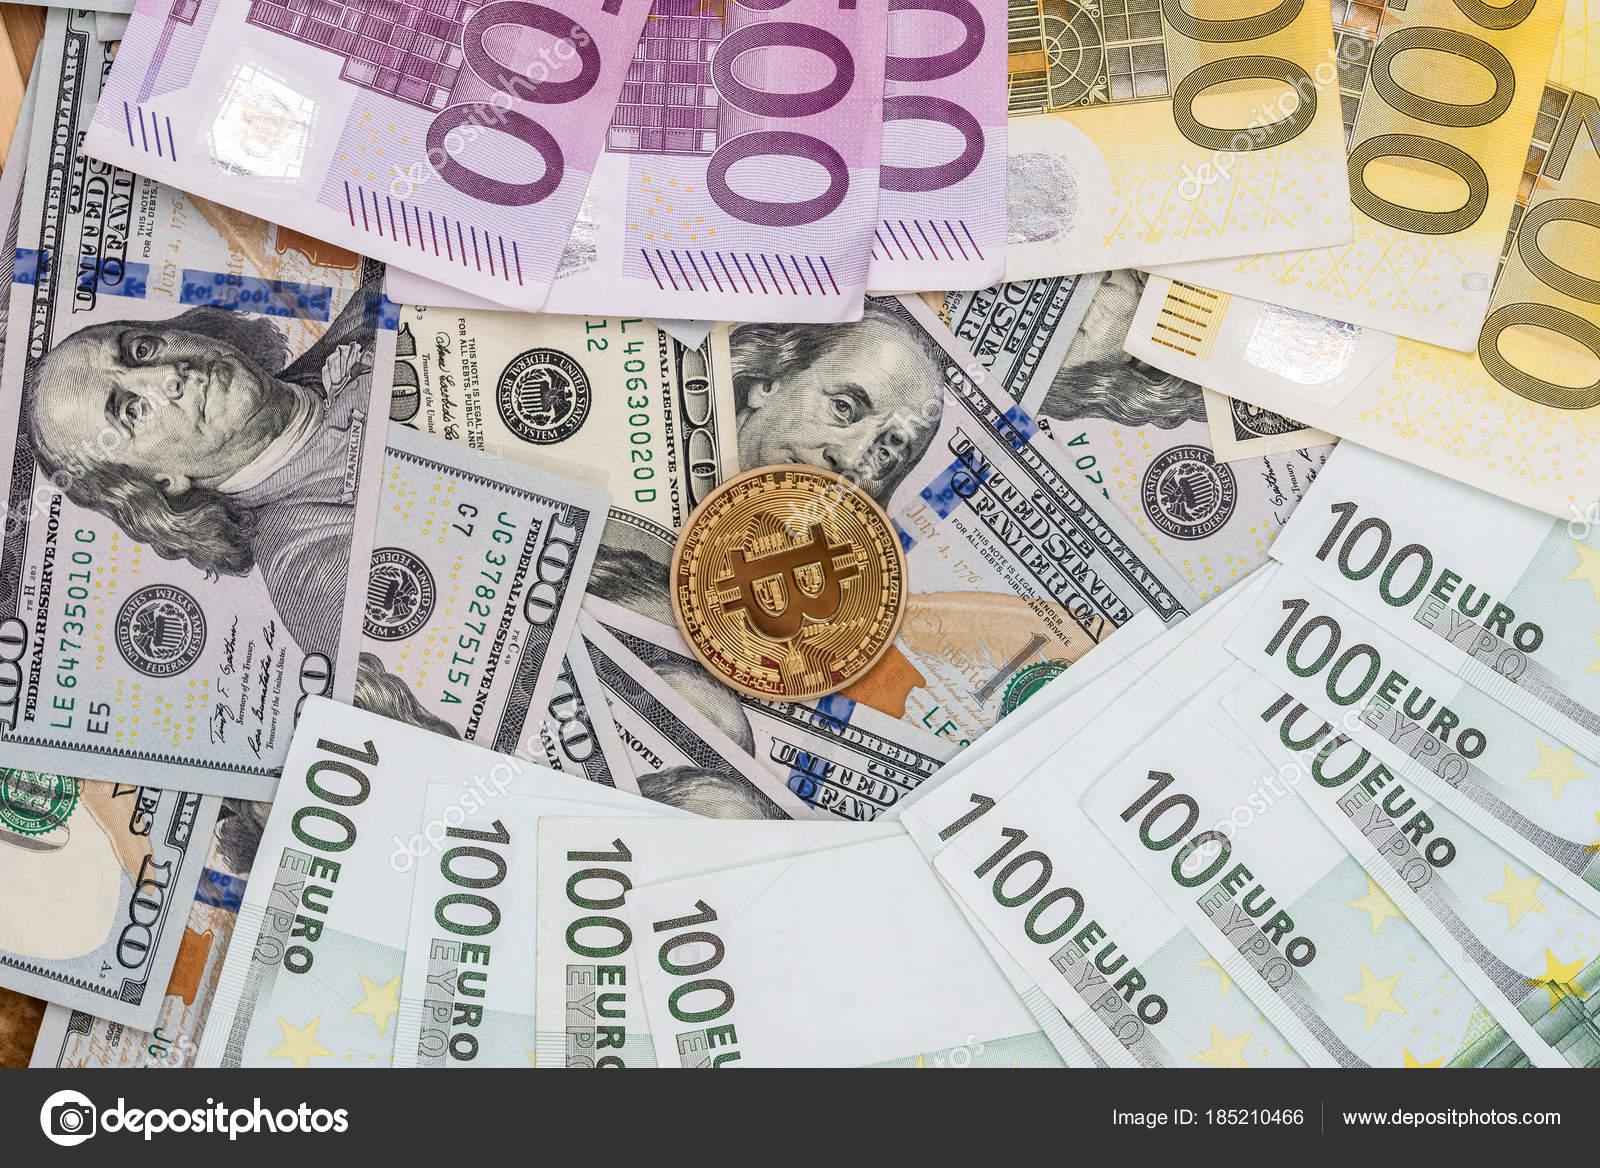 1 bitcoin to usd graph - zaisliniainamai.lt Bitcoin Currency Bitcoinity usd